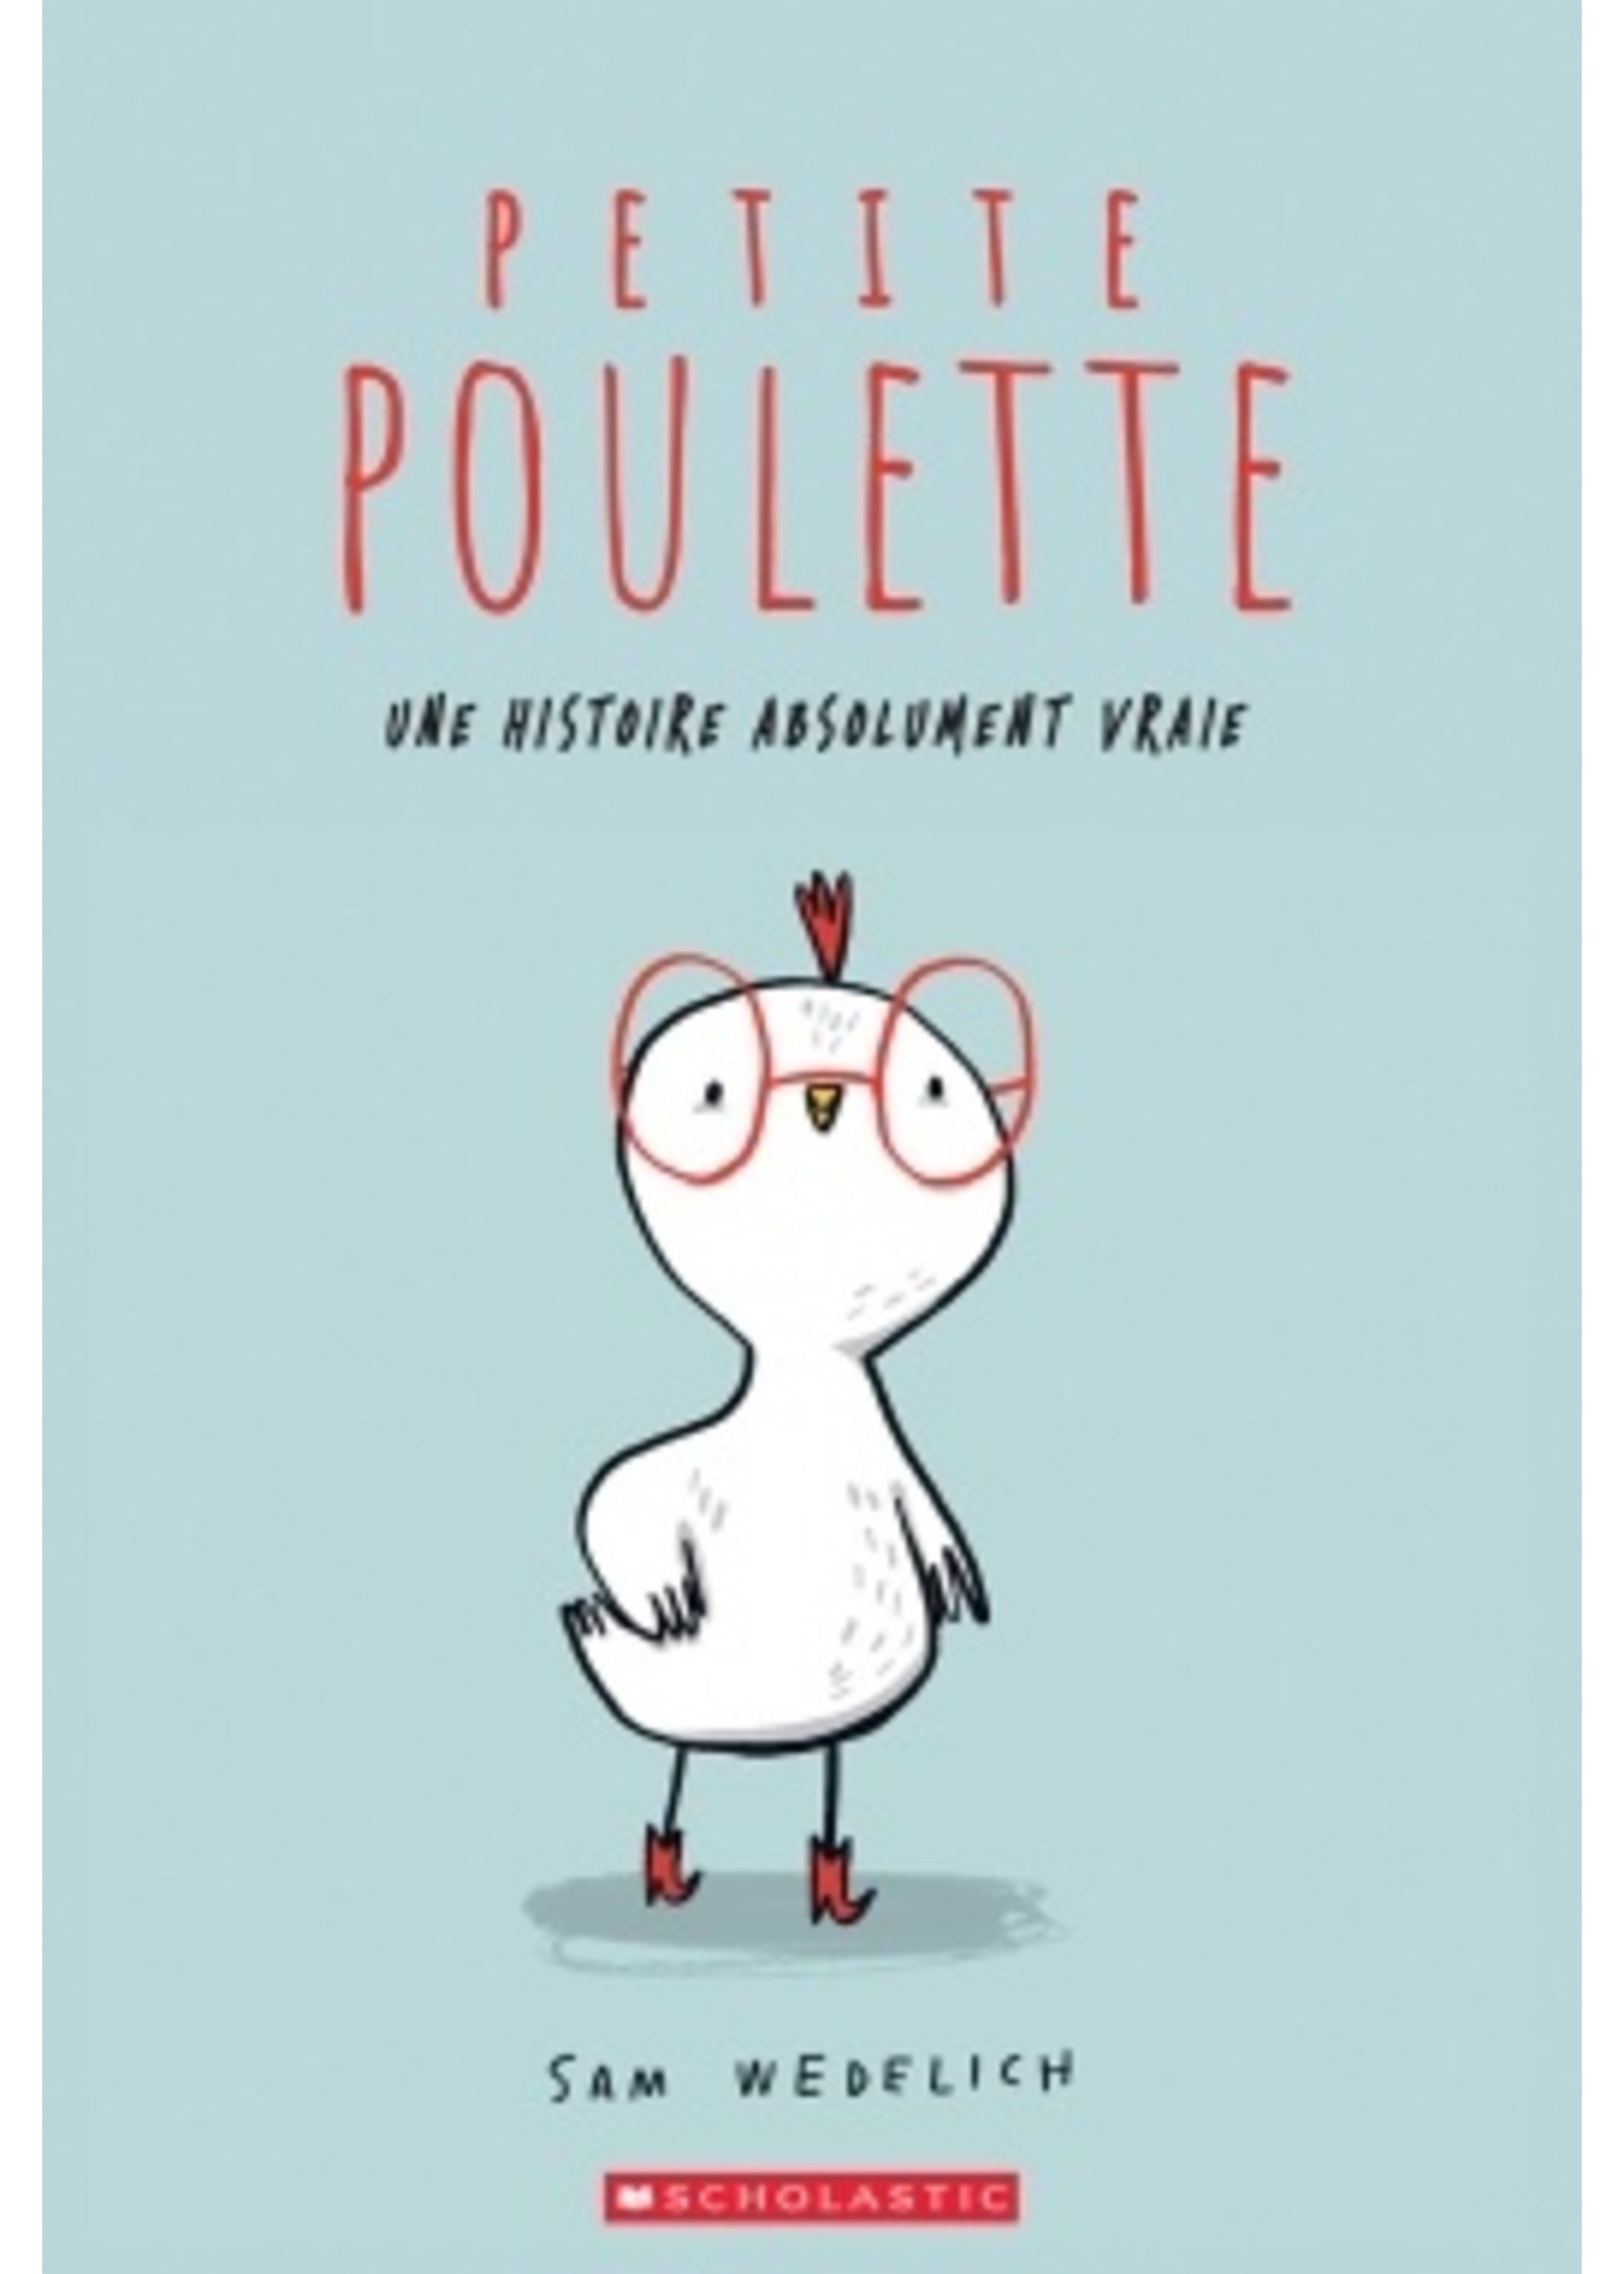 Scholastic Petite poulette